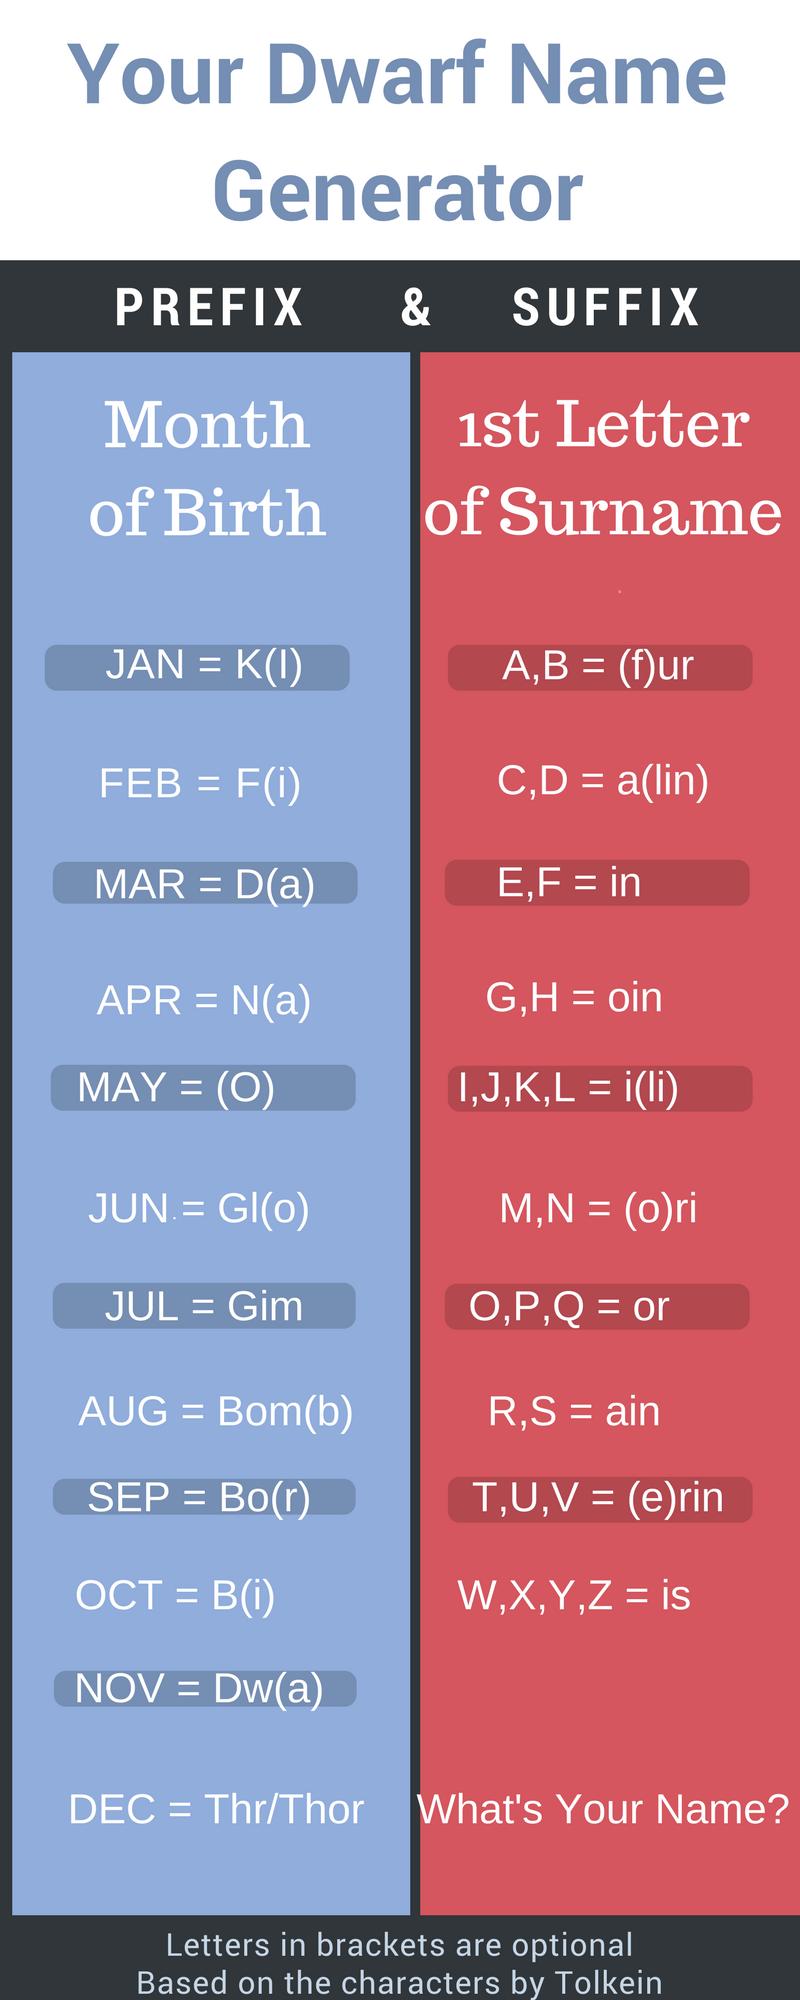 Dwarf Name Generator  #dwarf #fantasy #names | name generator in